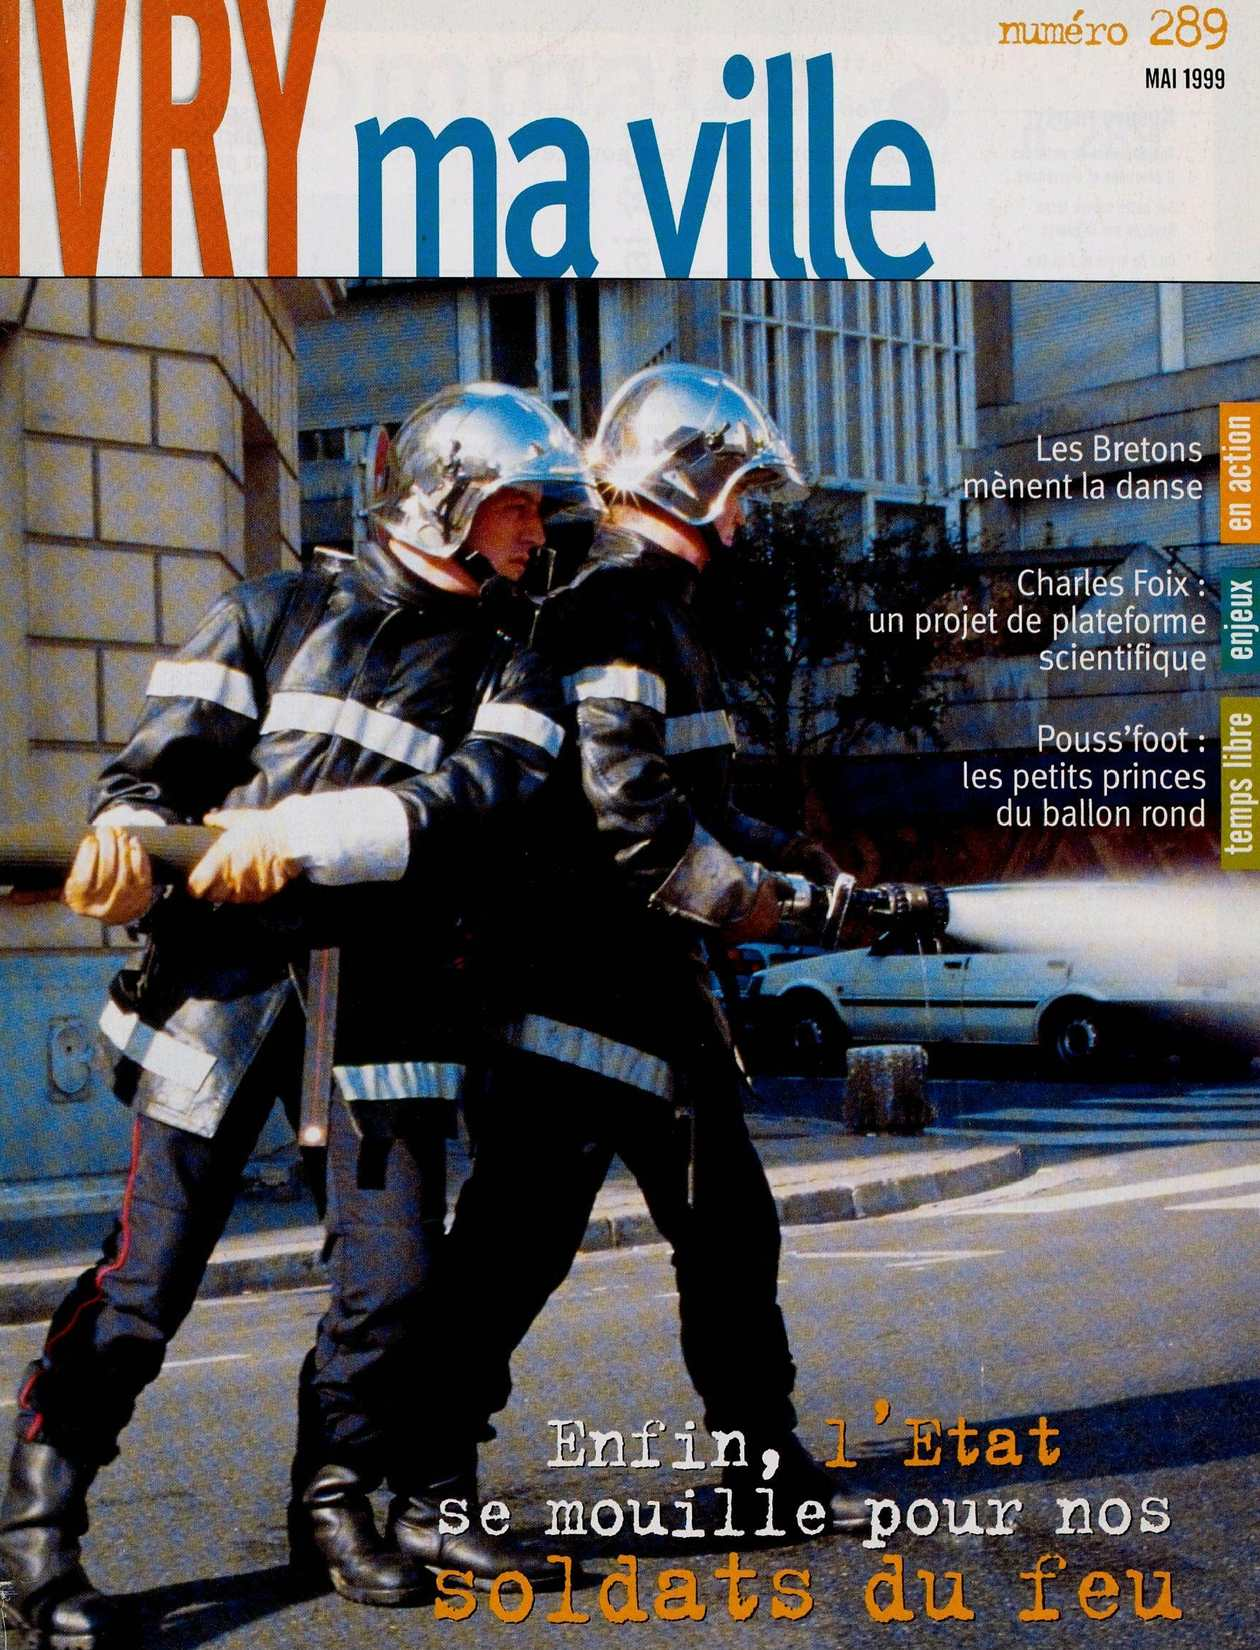 Calaméo Ivry ma ville n°289 mai 1999